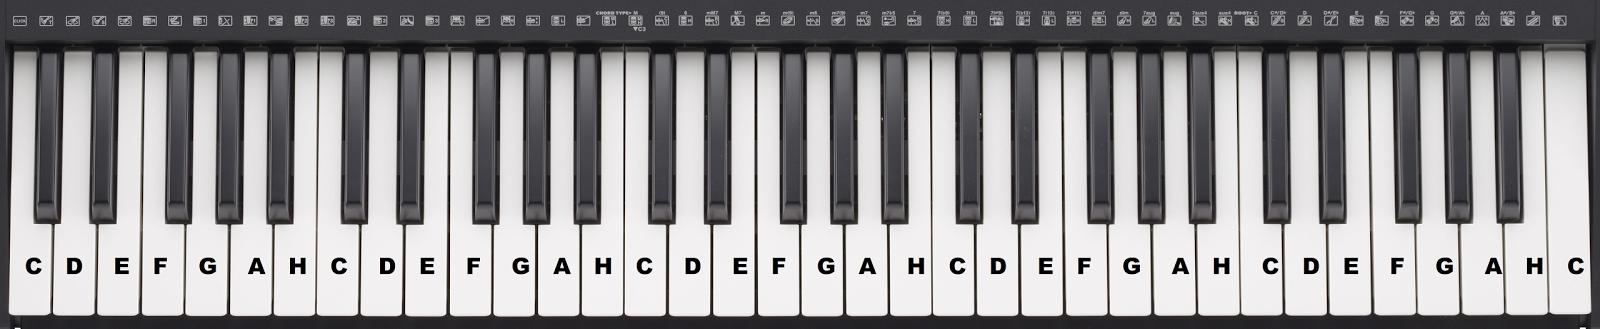 """<img alt=""""Nazwy literowe dźwięków"""" src=""""nazwy-literowe-dźwięków.jpg"""" />"""